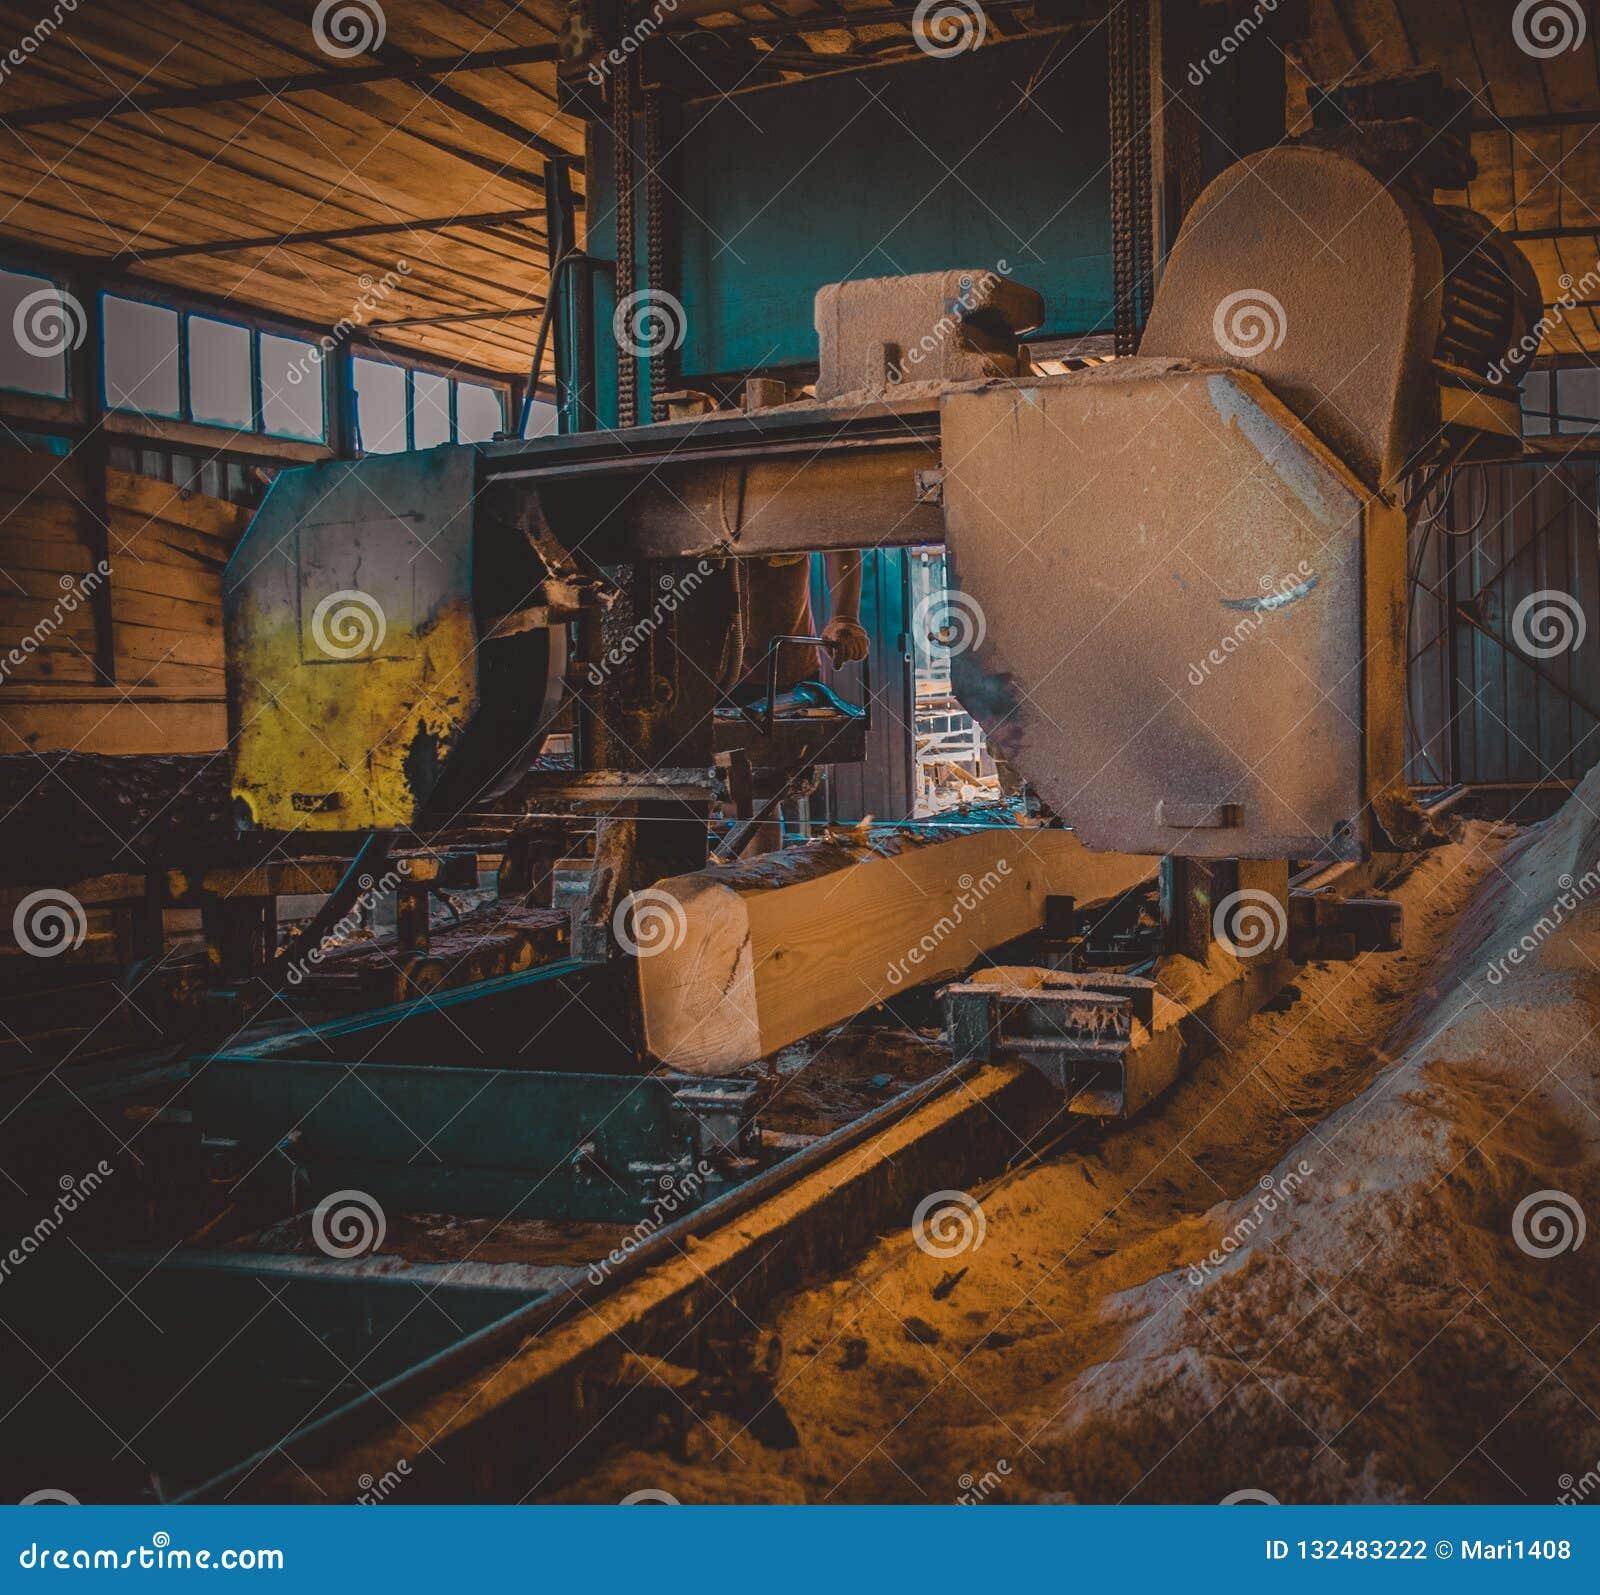 πριονιστήριο Η διαδικασία στη μηχανή συνδέεται τα πριόνια μηχανών πριονιστηρίων το τ